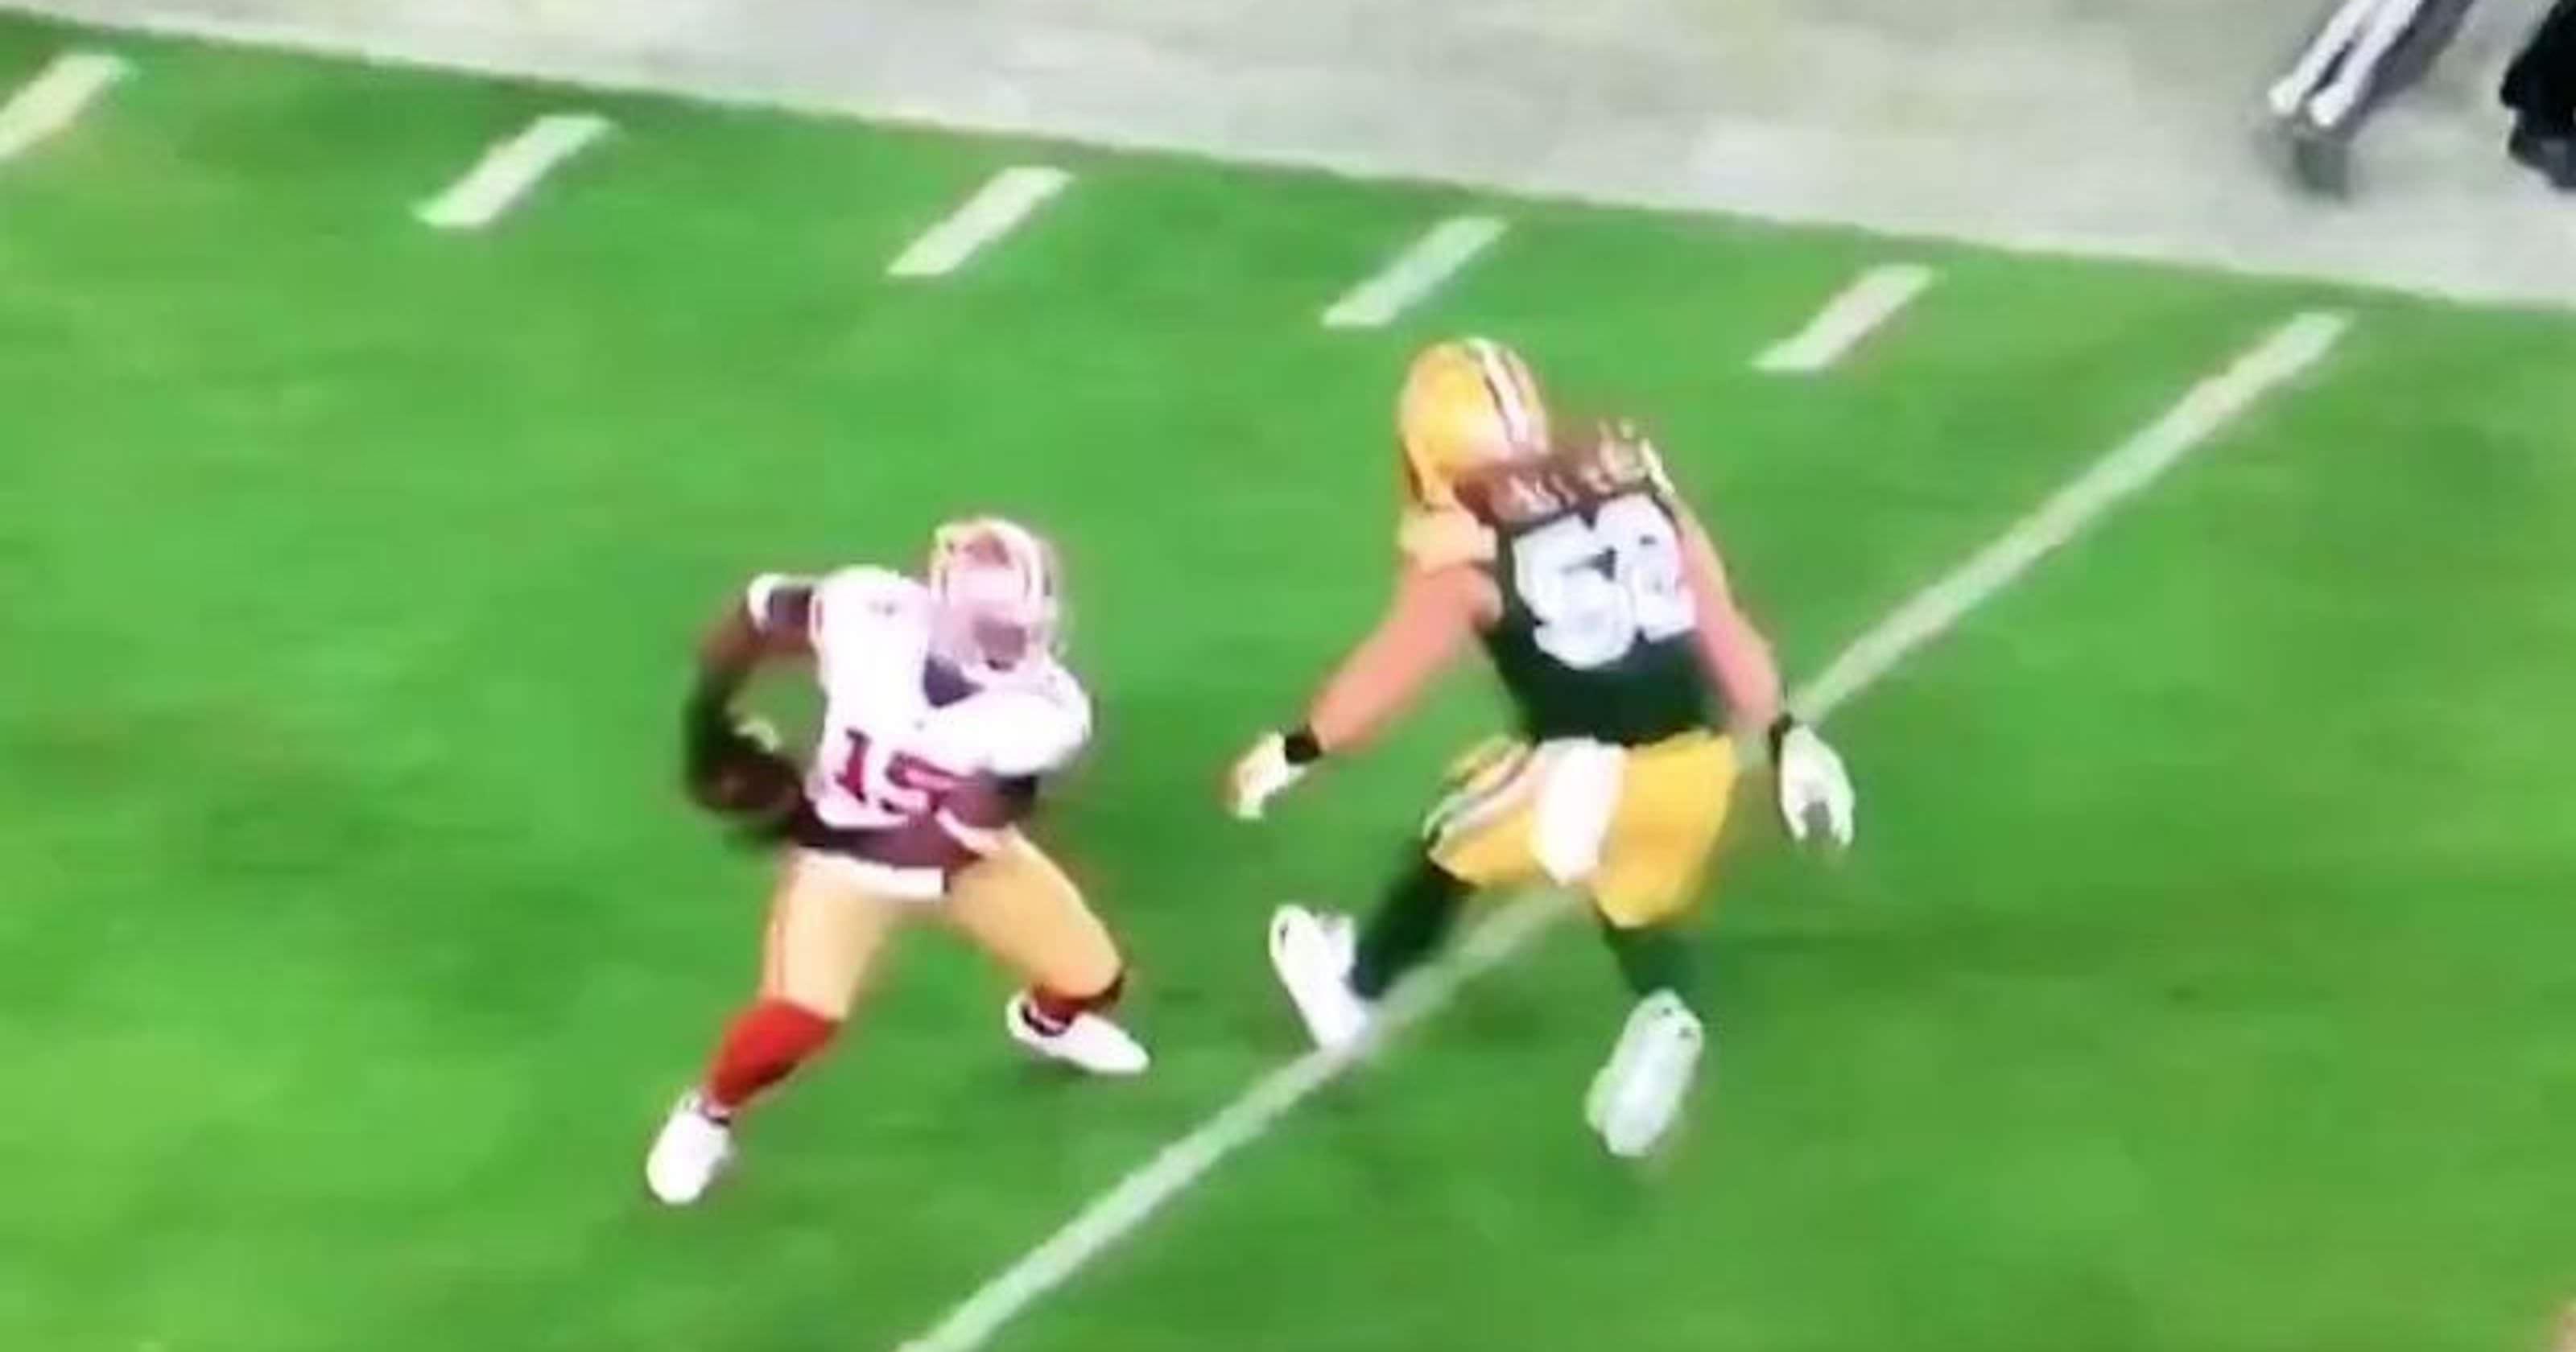 Fãs da NFL rasgam tackle embaraçoso Clay Matthews